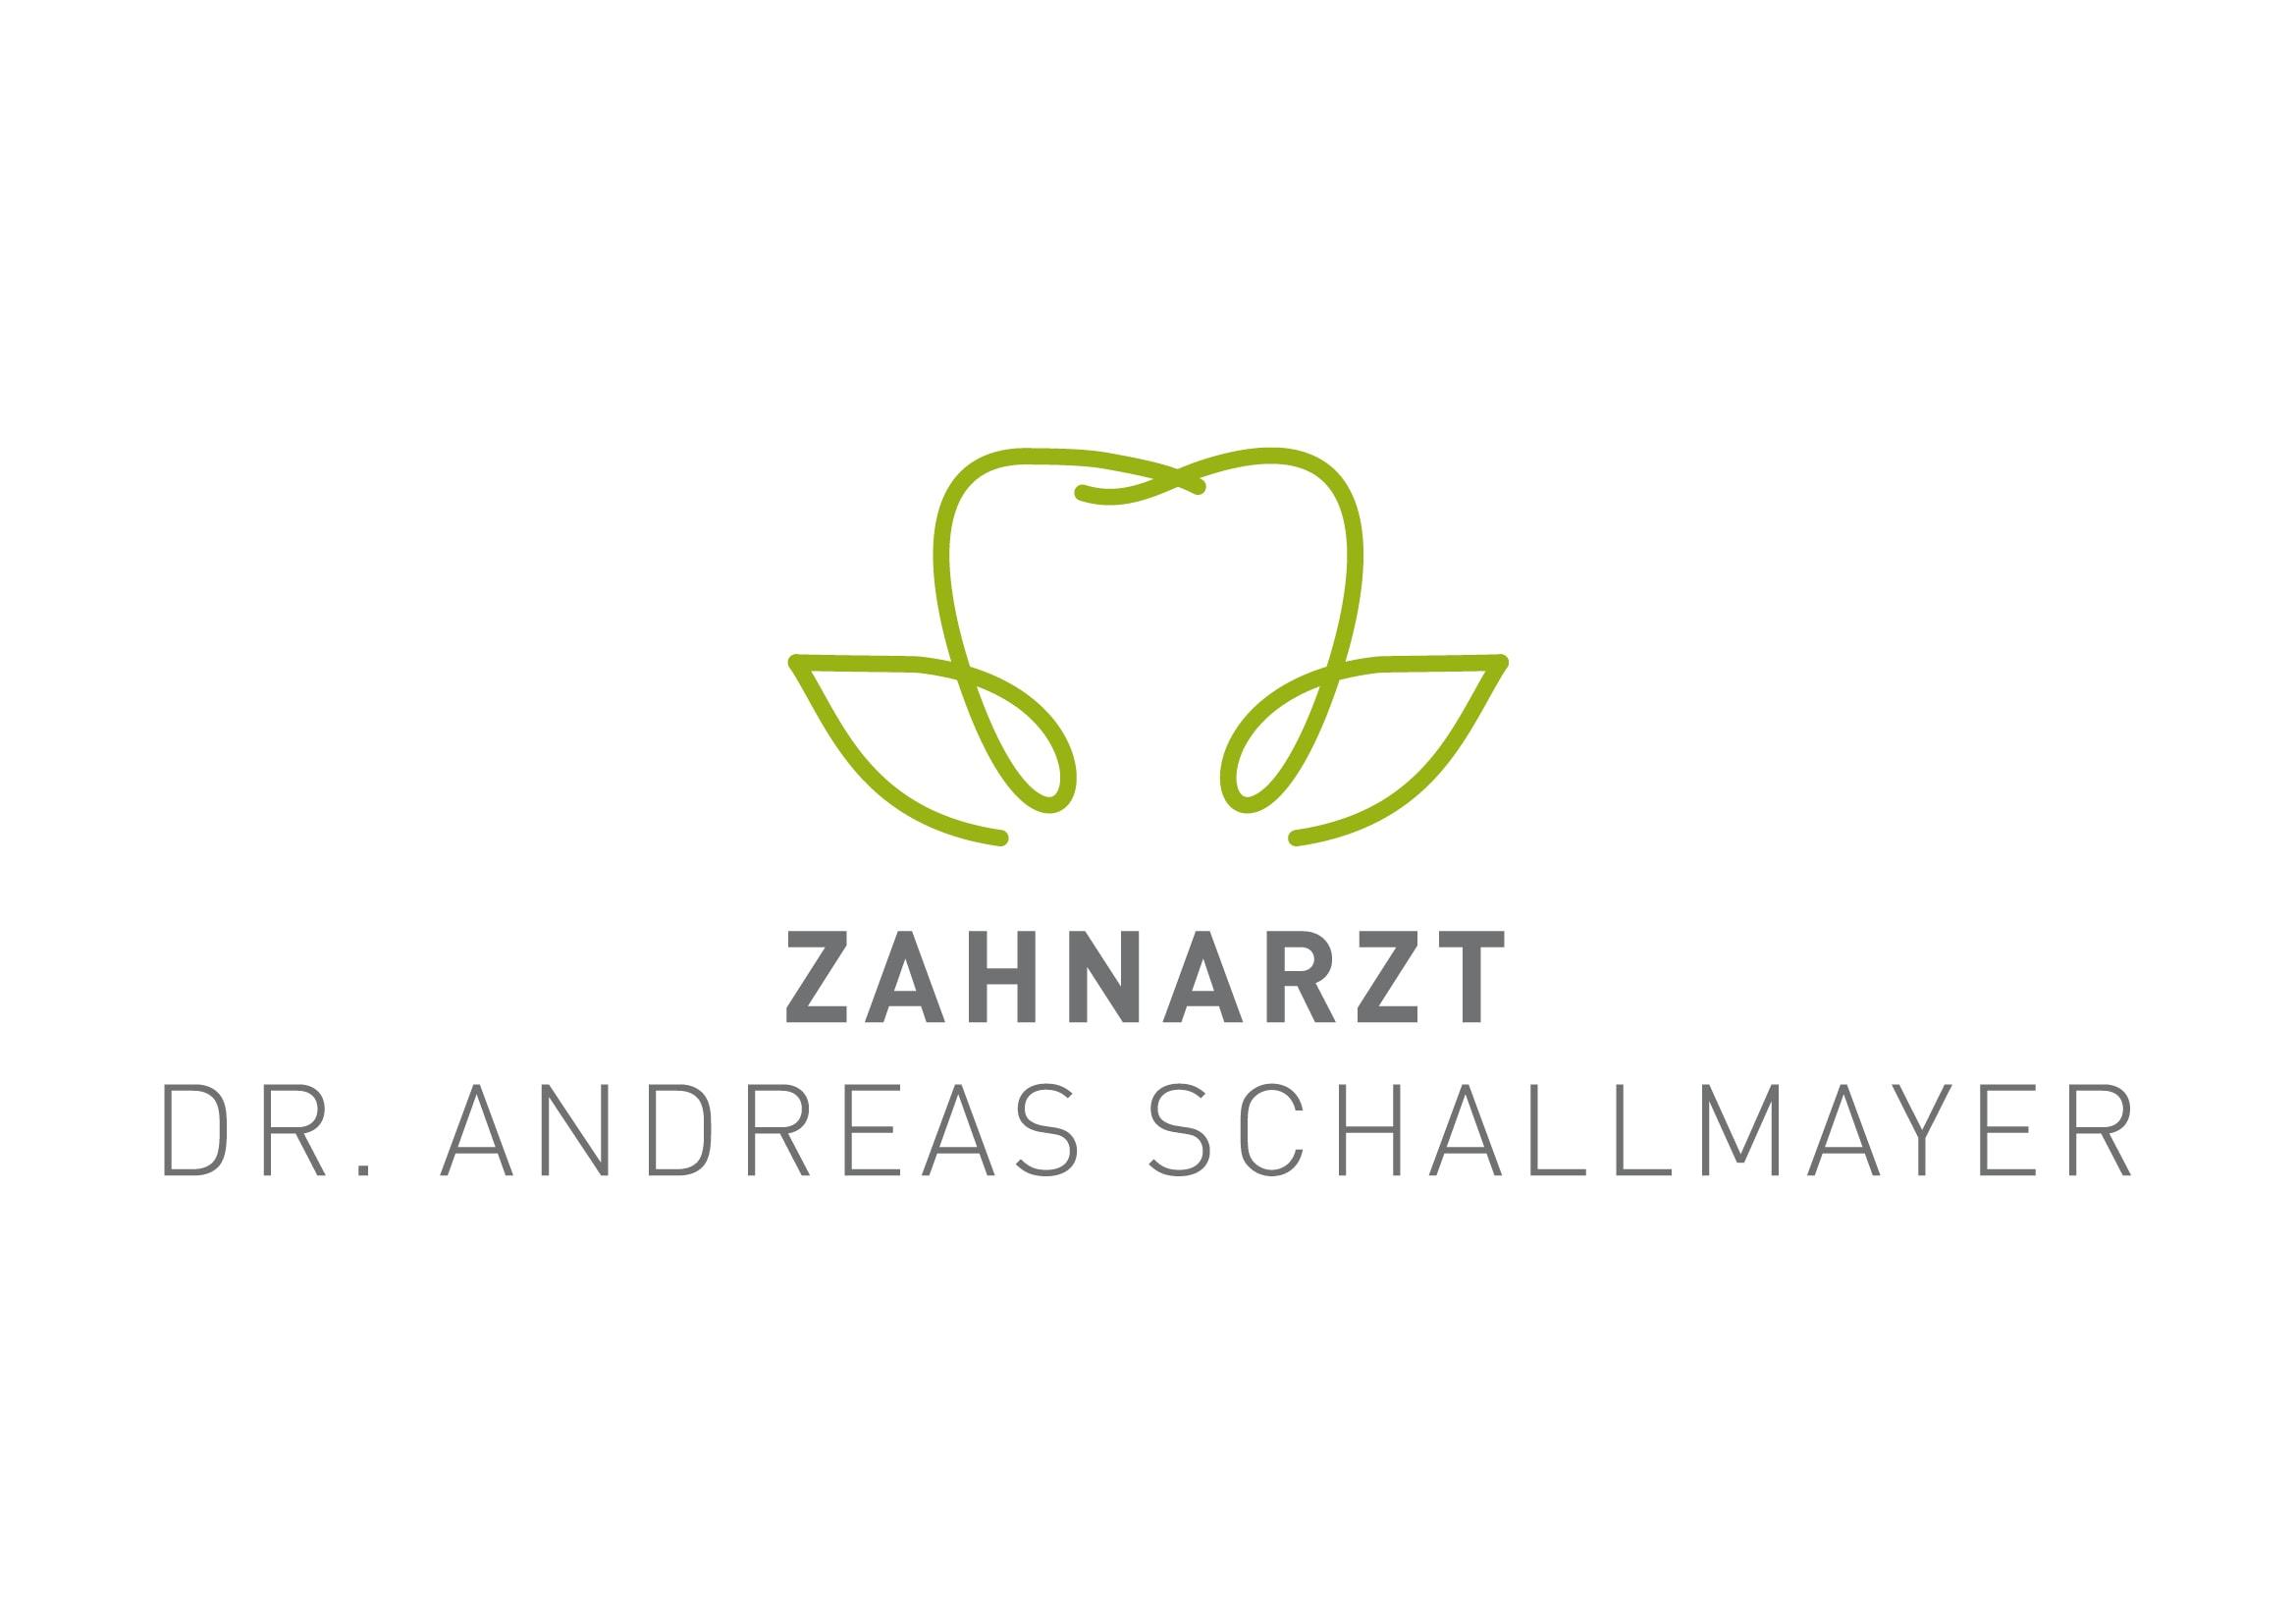 Logo Entwicklung für Zahnarzt